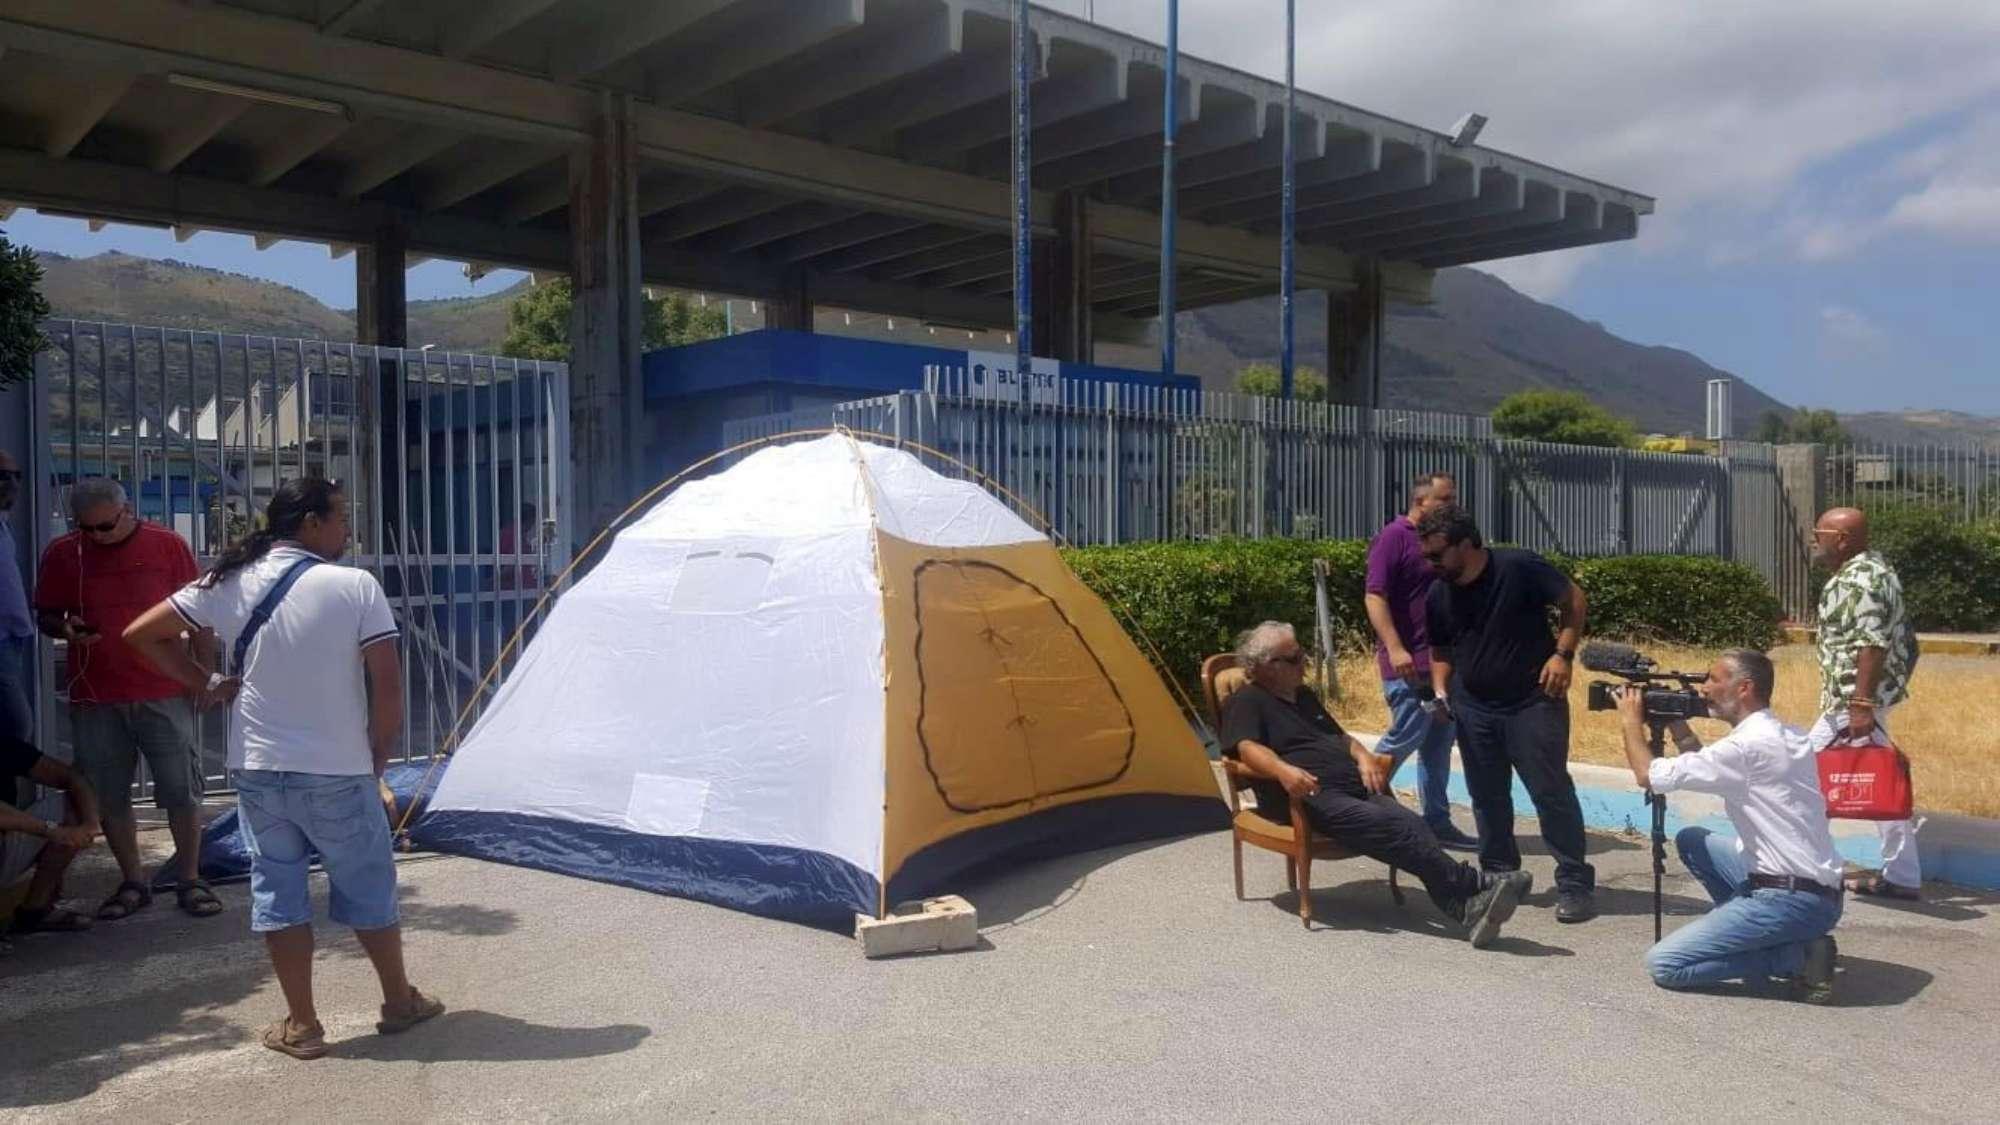 Blutec, operaio in tenda davanti alla fabbrica per protesta